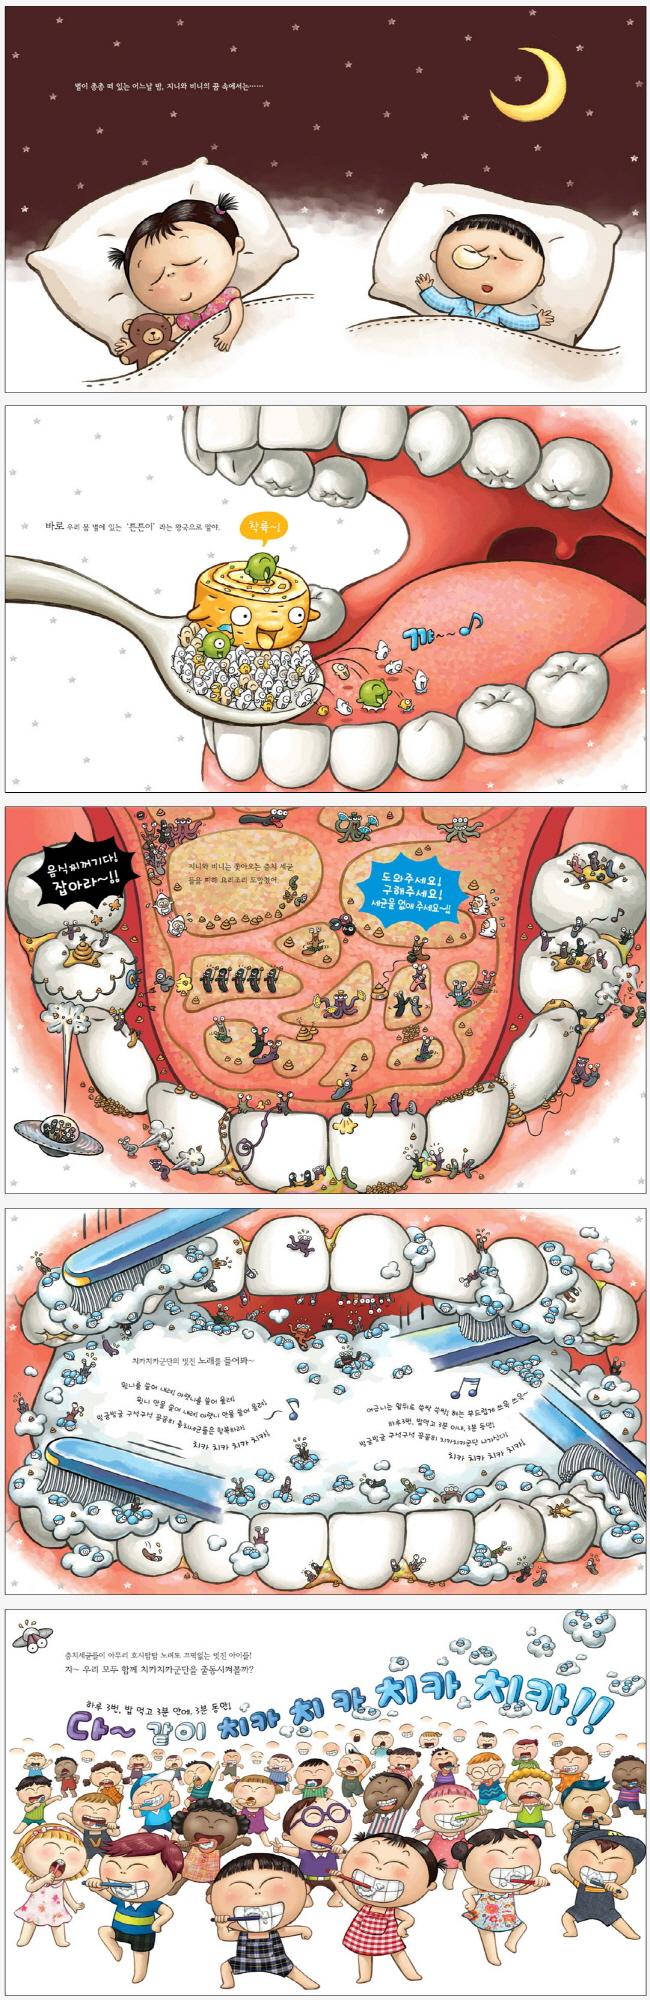 치카치카 군단과 충치 왕국(지니비니 시리즈 3)(양장본 HardCover) 도서 상세이미지